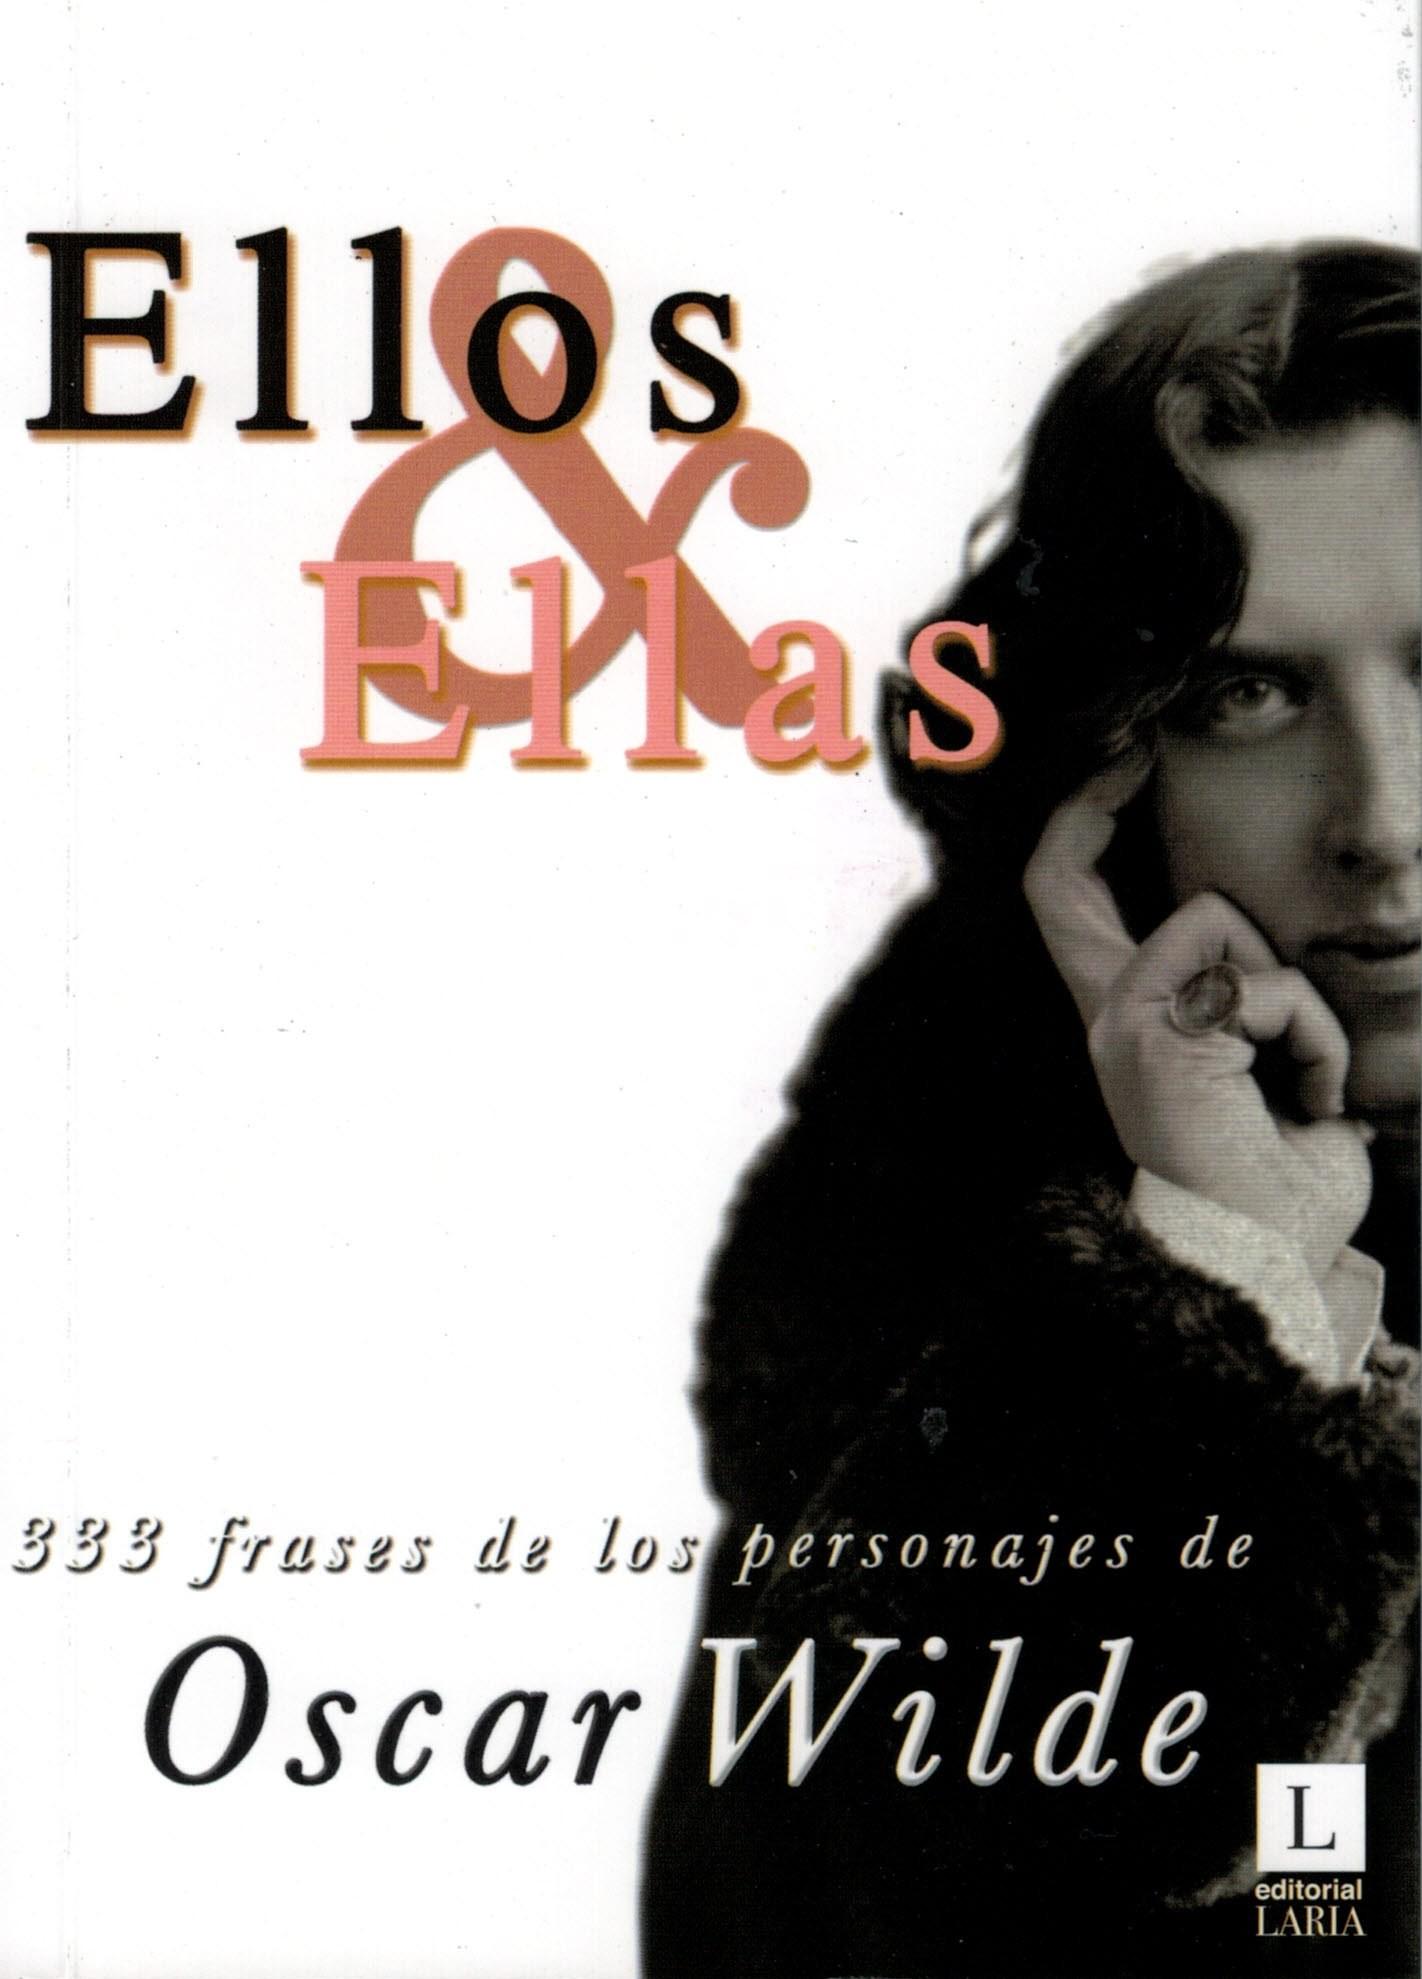 Ellos Ellas 333 Frases De Los Personajes De Oscar Wilde Editorial Laria